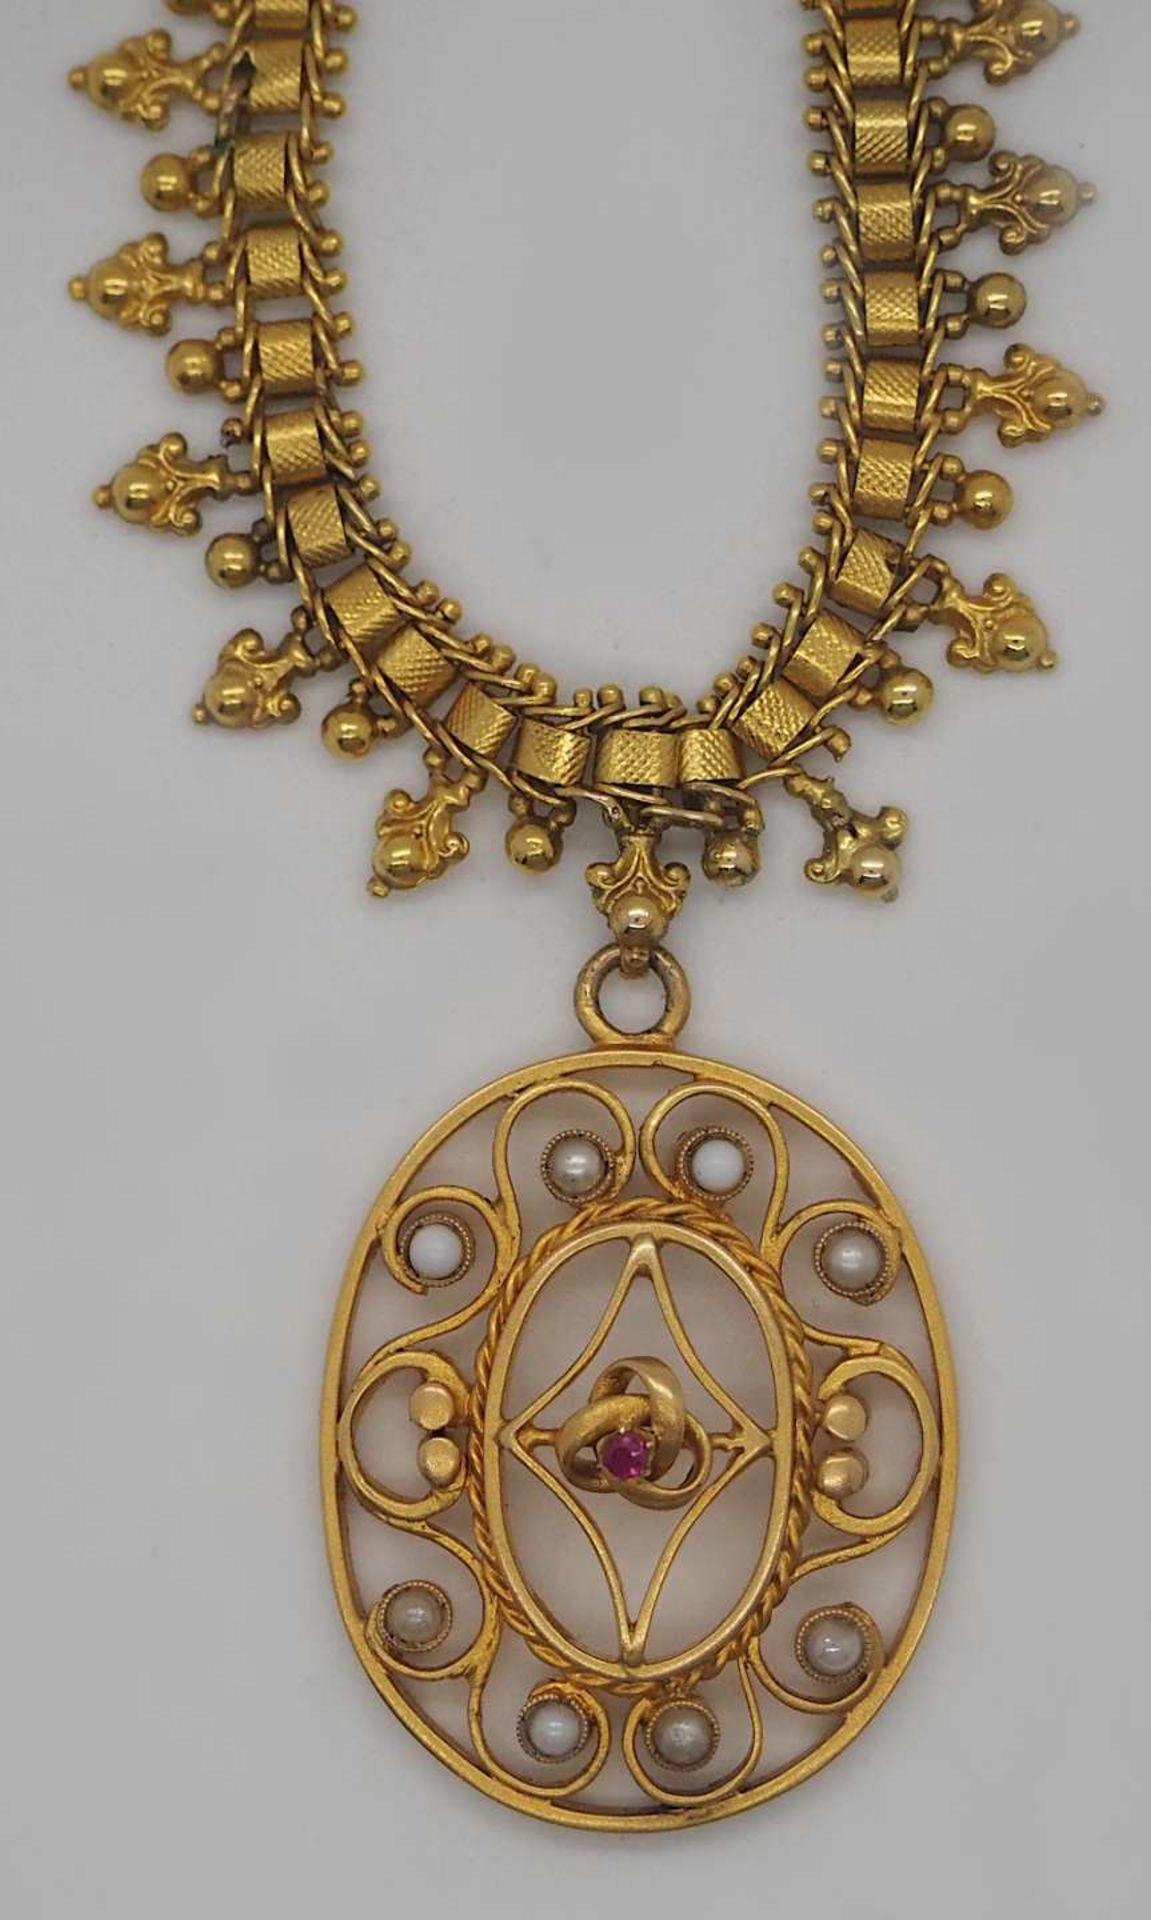 1 Collier wohl ungestempelt mit Einhänger wohl GG, Rubin, Perlen u.a., alt